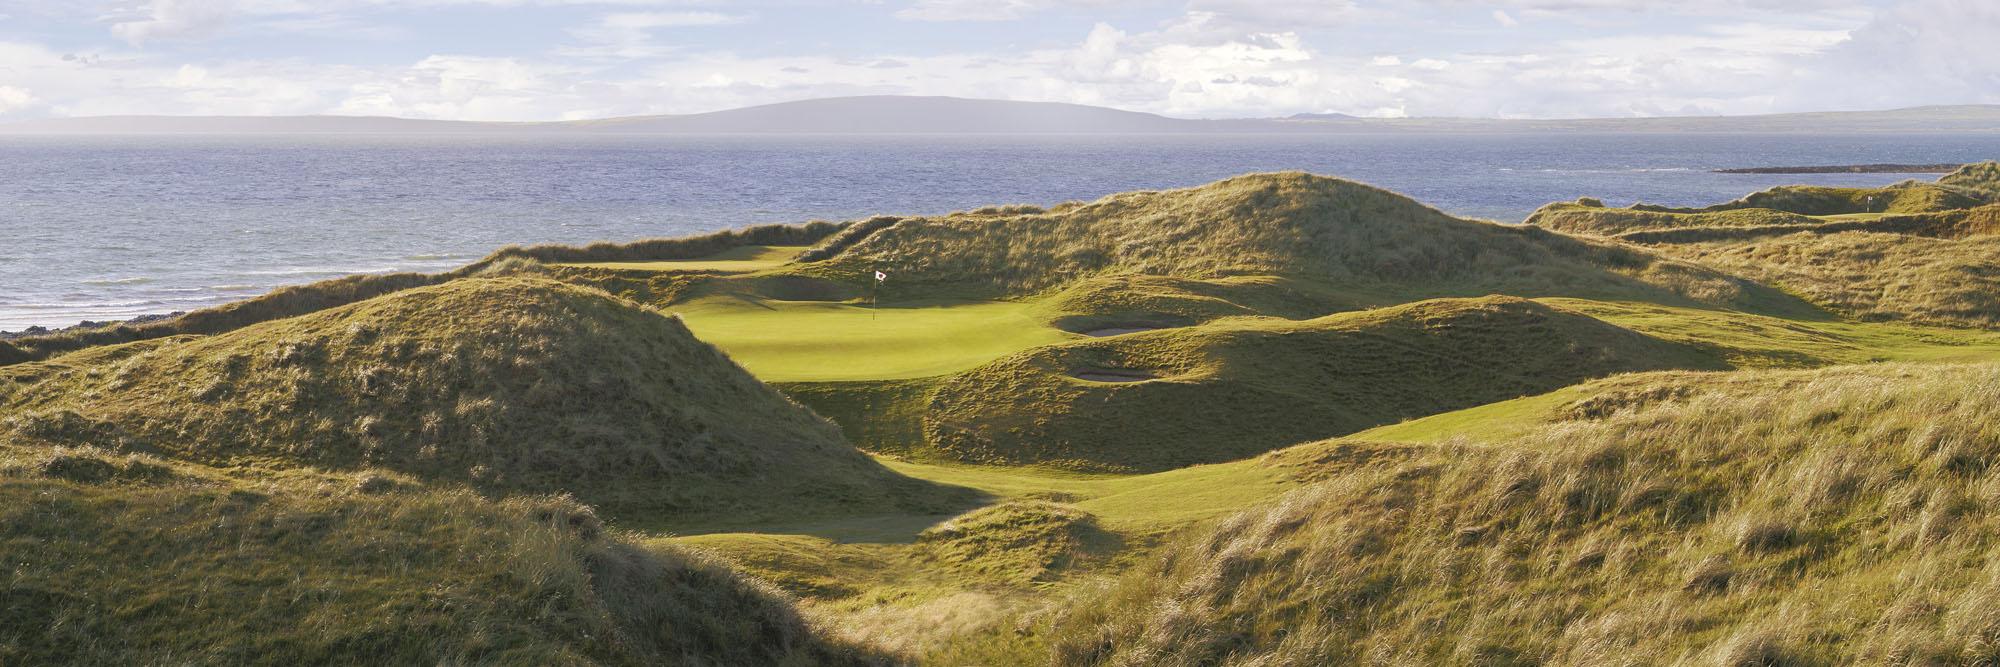 Golf Course Image - Ballybunion No. 15